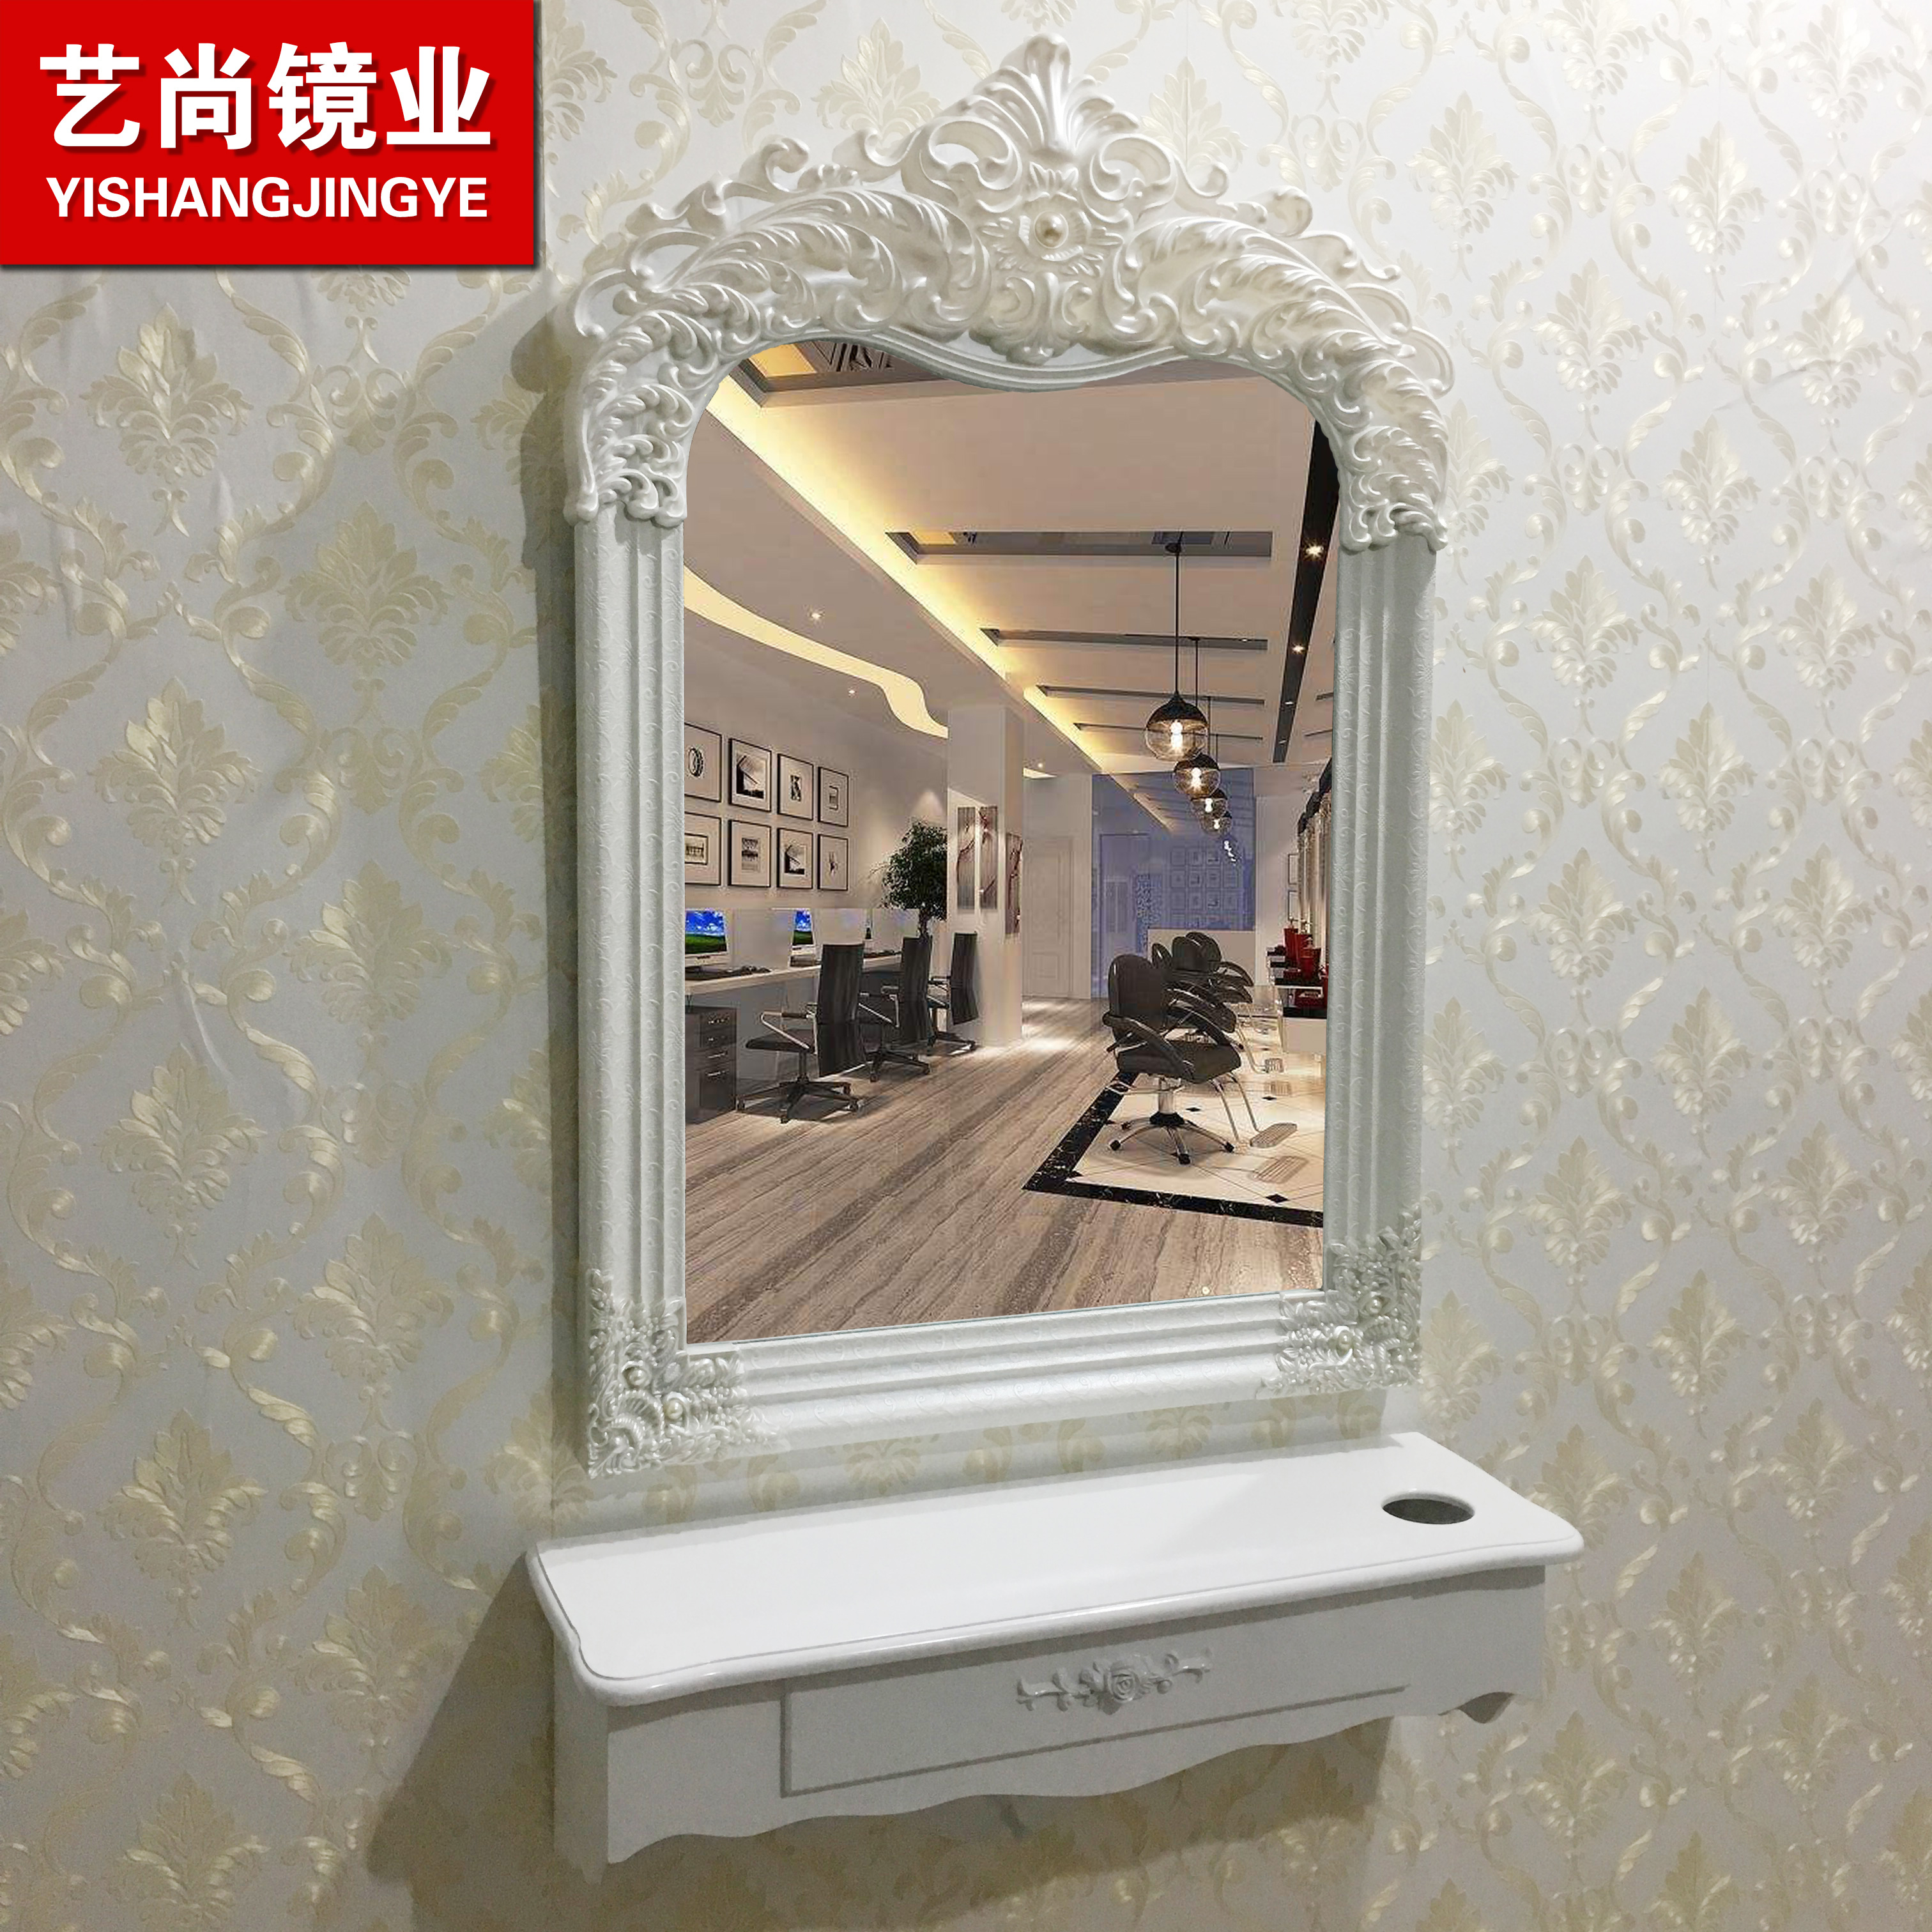 Континентальный стрижка магазин зеркало простой парикмахерское дело зеркало тайвань салон ножницы волосы зеркало один ретро косметология настенный косметическое зеркало тайвань